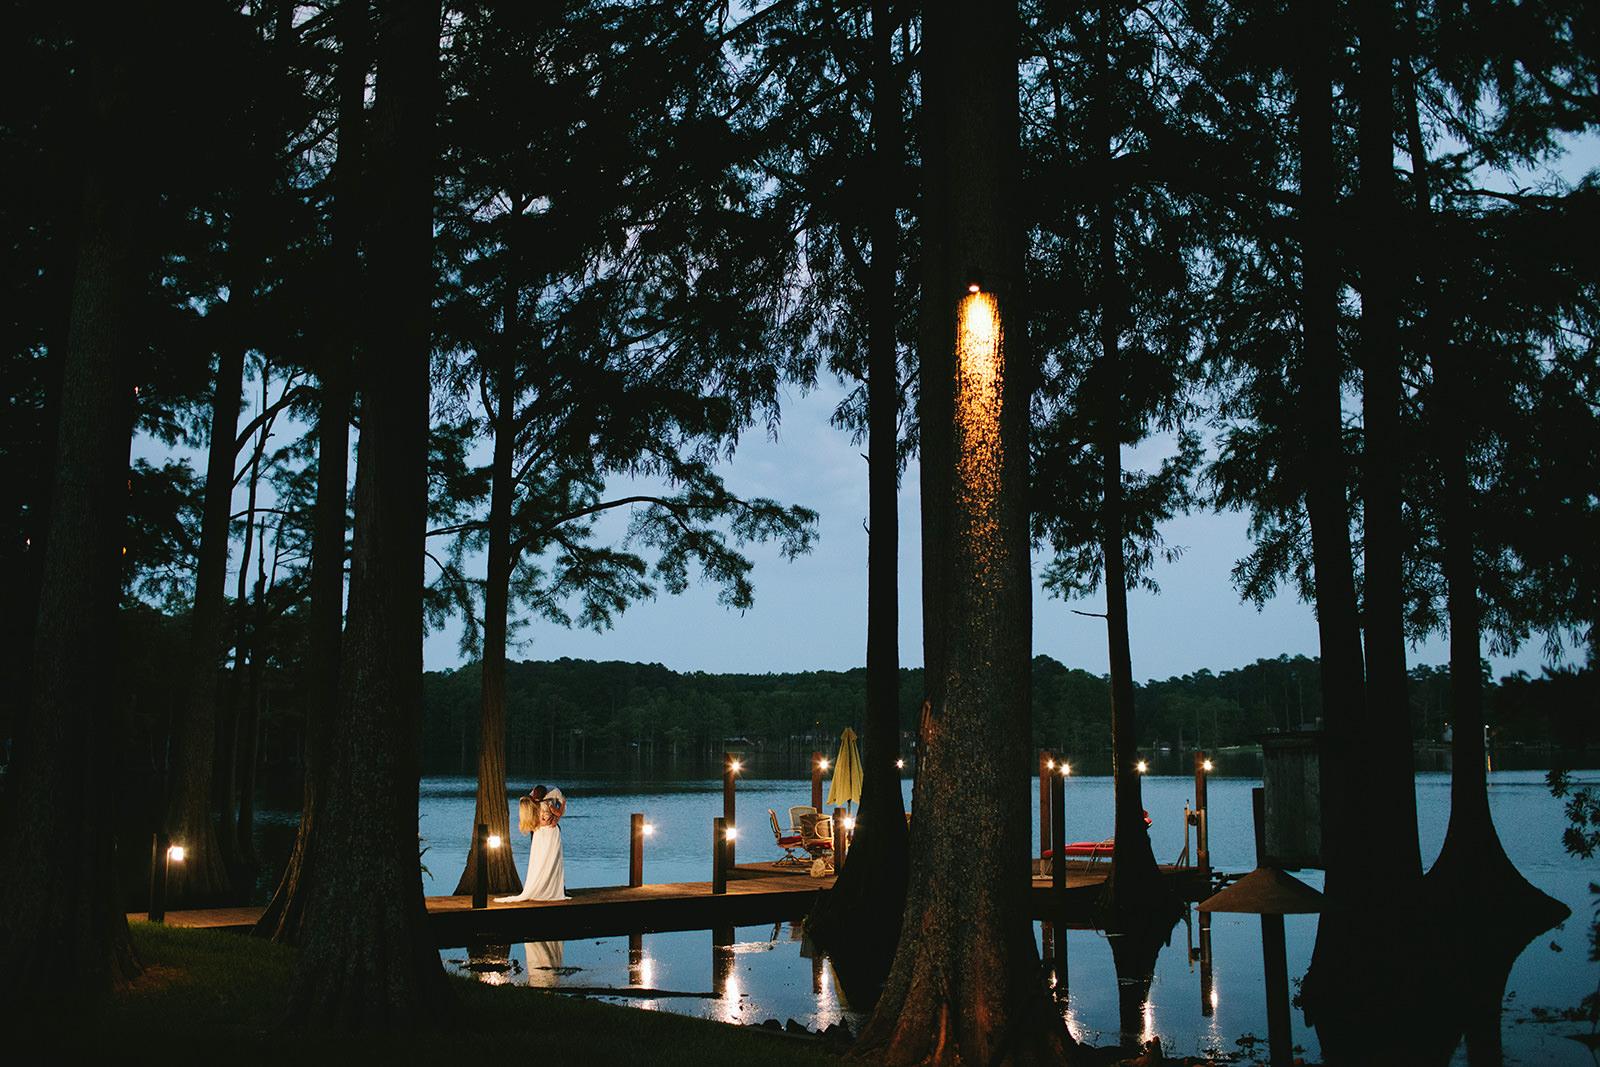 smithfield lake photos